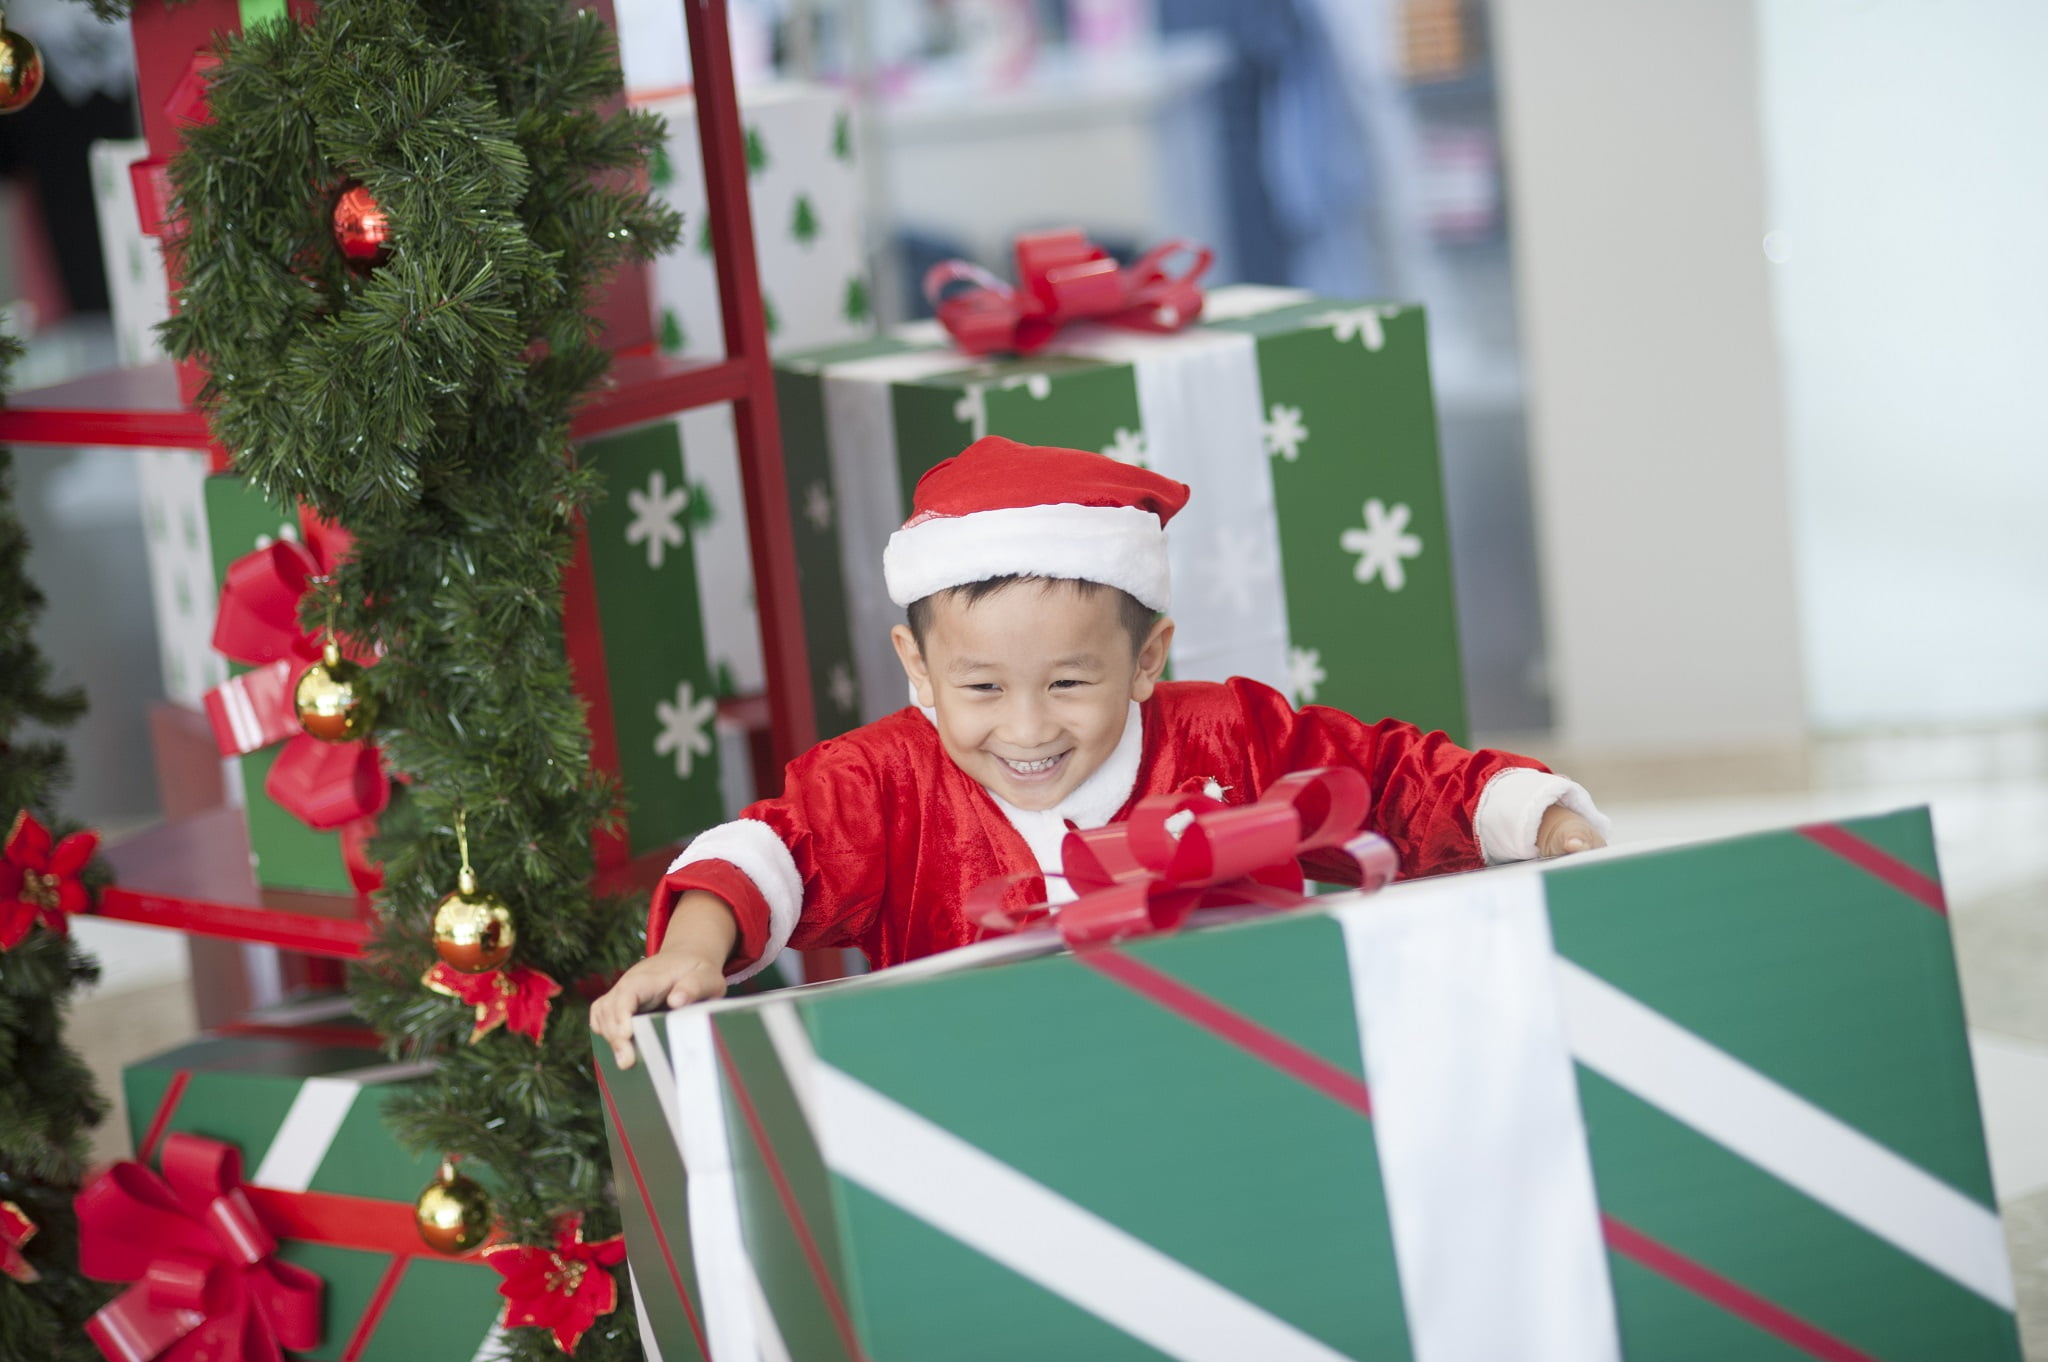 73 - Ảnh chụp bé Jindo 4 tuổi - KDL Bình quới 3 Tp.HCM